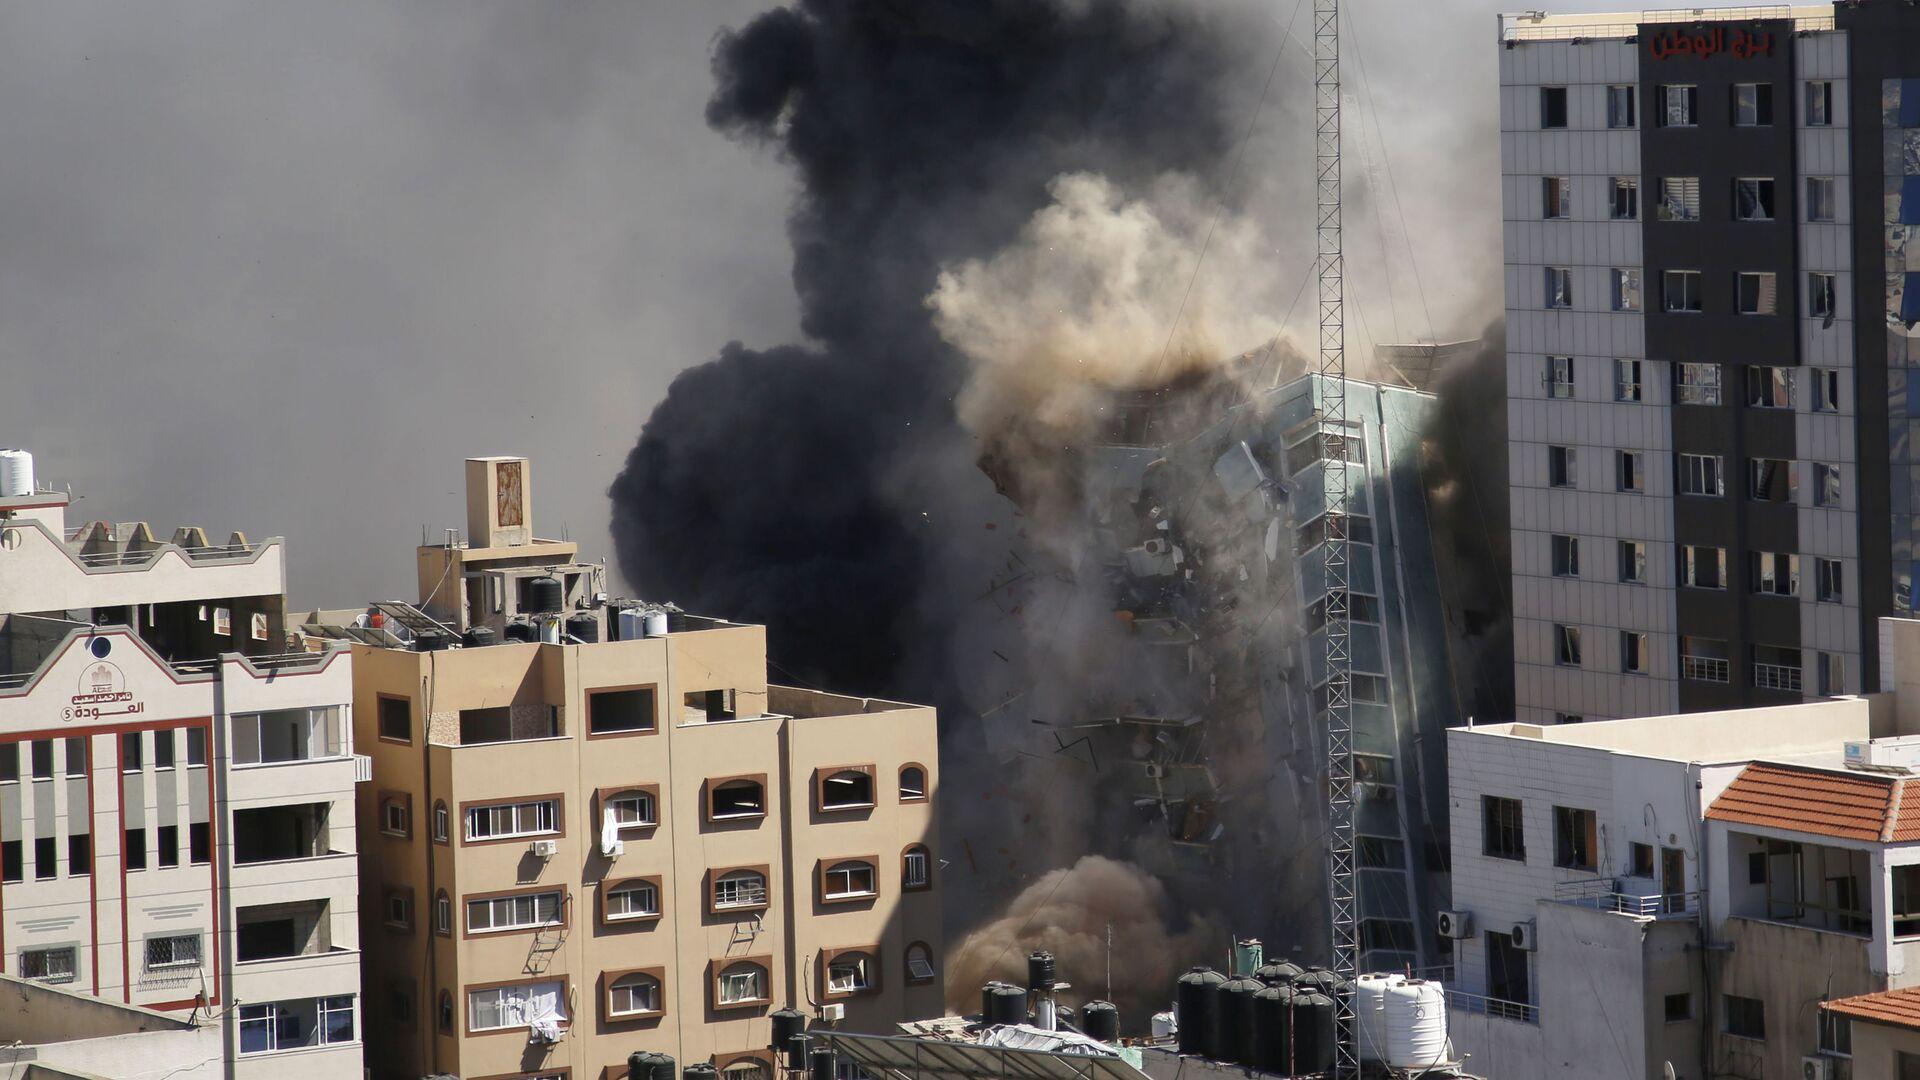 ВВС Израиля уничтожили высотку в Газе, в которой находились офисы американского информагентства Associated Press и катарского телеканала Al Jazeera - Sputnik Česká republika, 1920, 20.05.2021